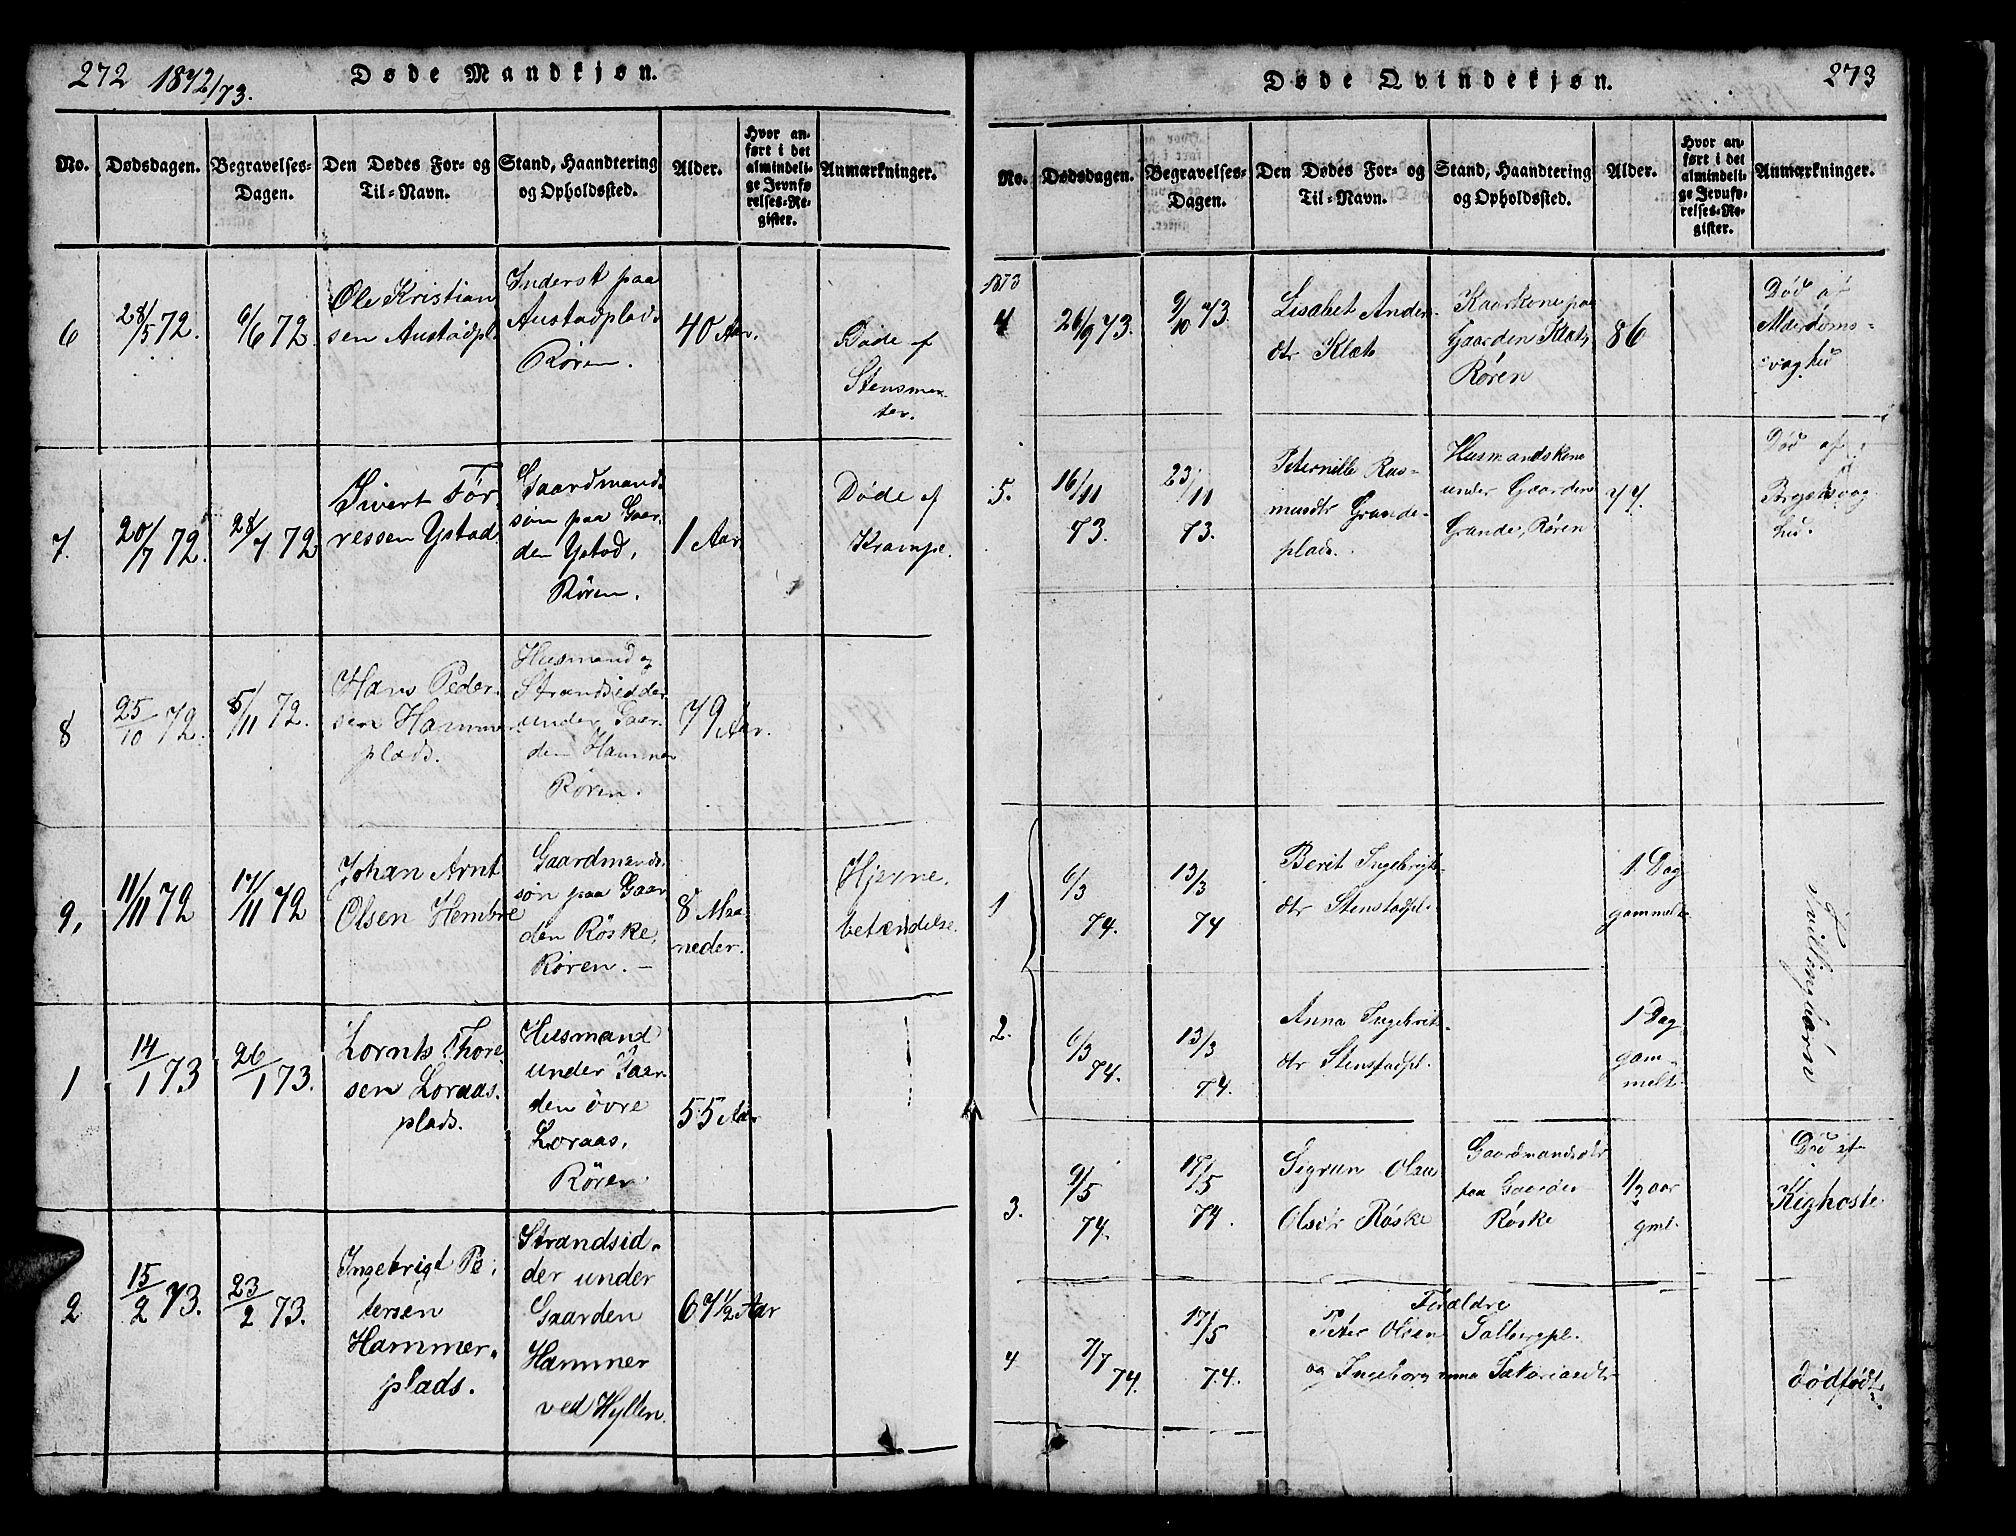 SAT, Ministerialprotokoller, klokkerbøker og fødselsregistre - Nord-Trøndelag, 731/L0310: Klokkerbok nr. 731C01, 1816-1874, s. 272-273